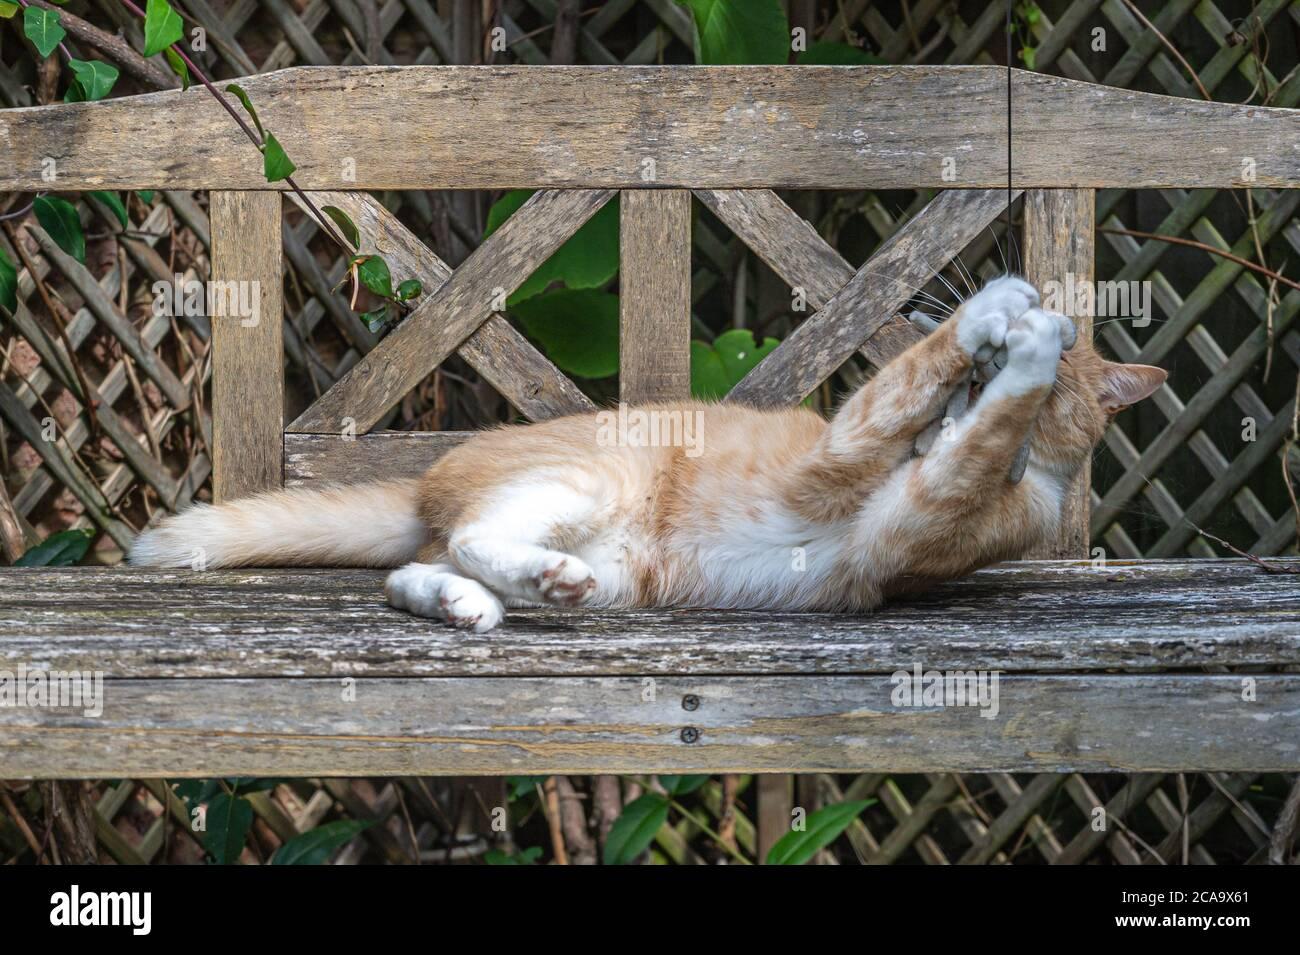 Chat de gingembre espiègle sur un banc en bois avec des pattes blanches autour du jouet de chat Banque D'Images